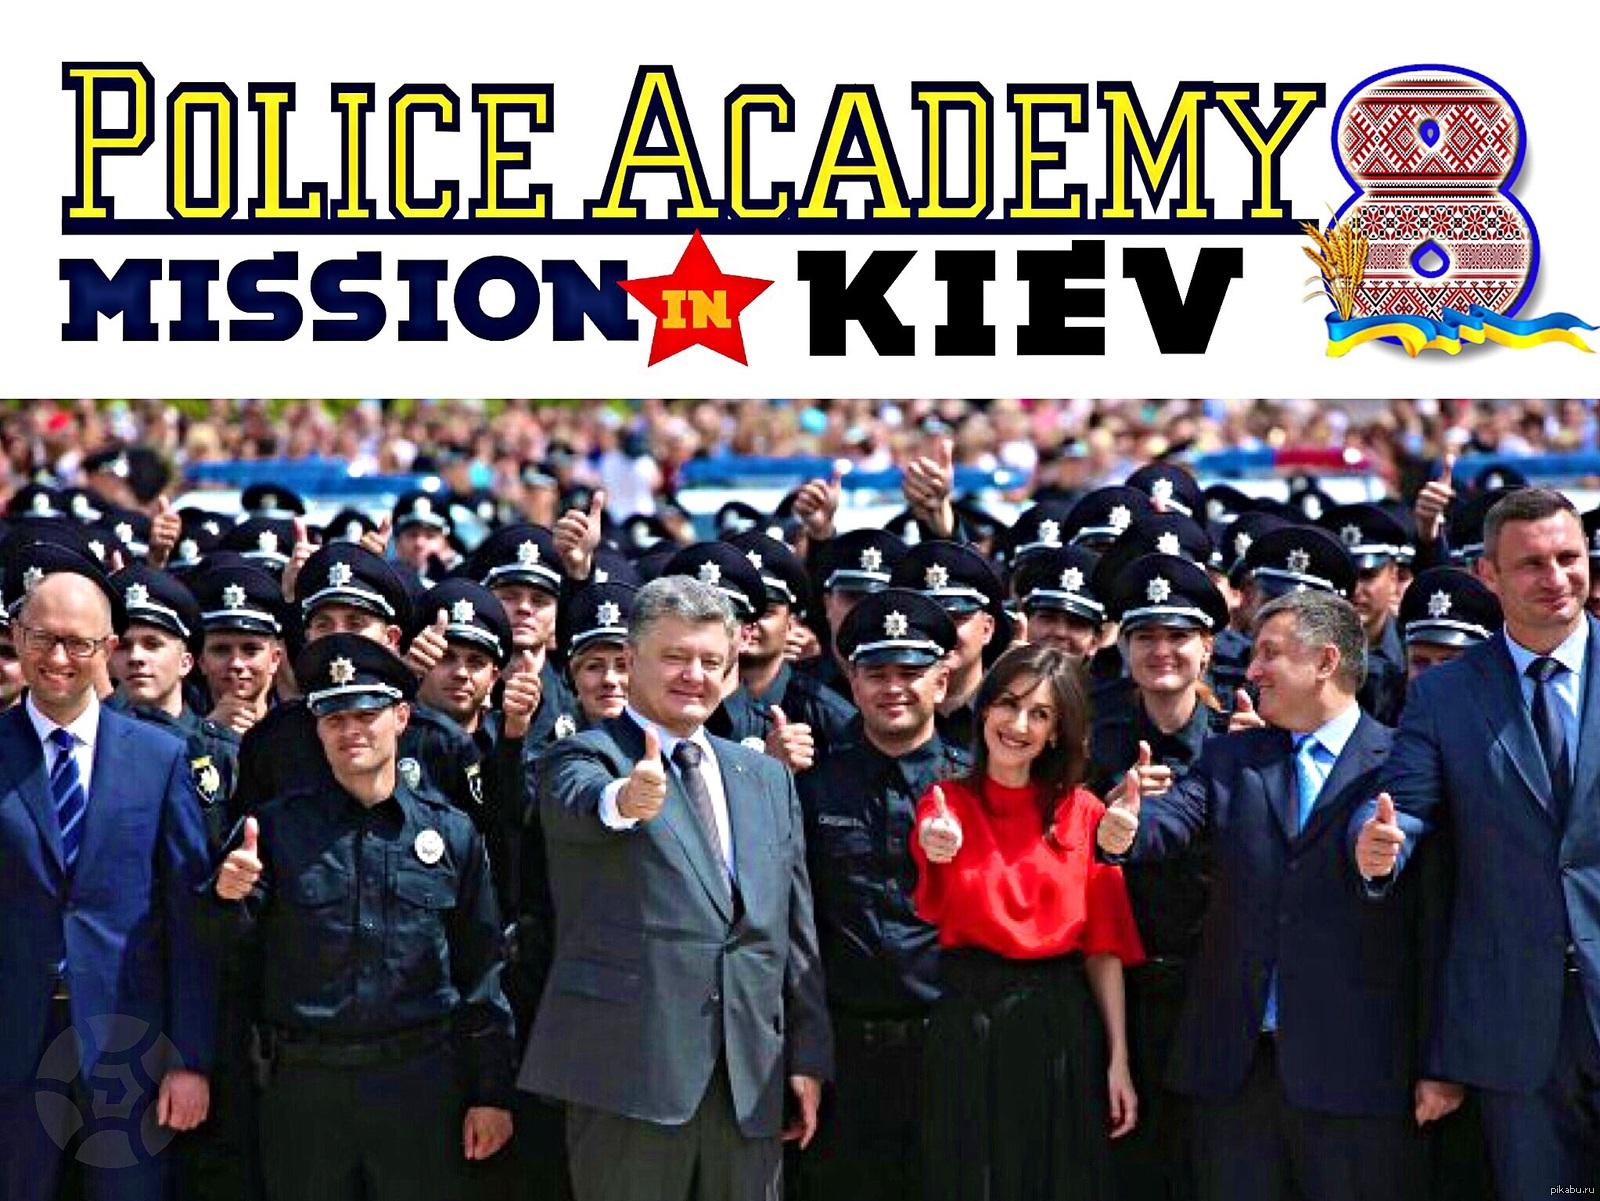 Первый набор курсантов полицейской академии состоится в ноябре, - Князев - Цензор.НЕТ 8610